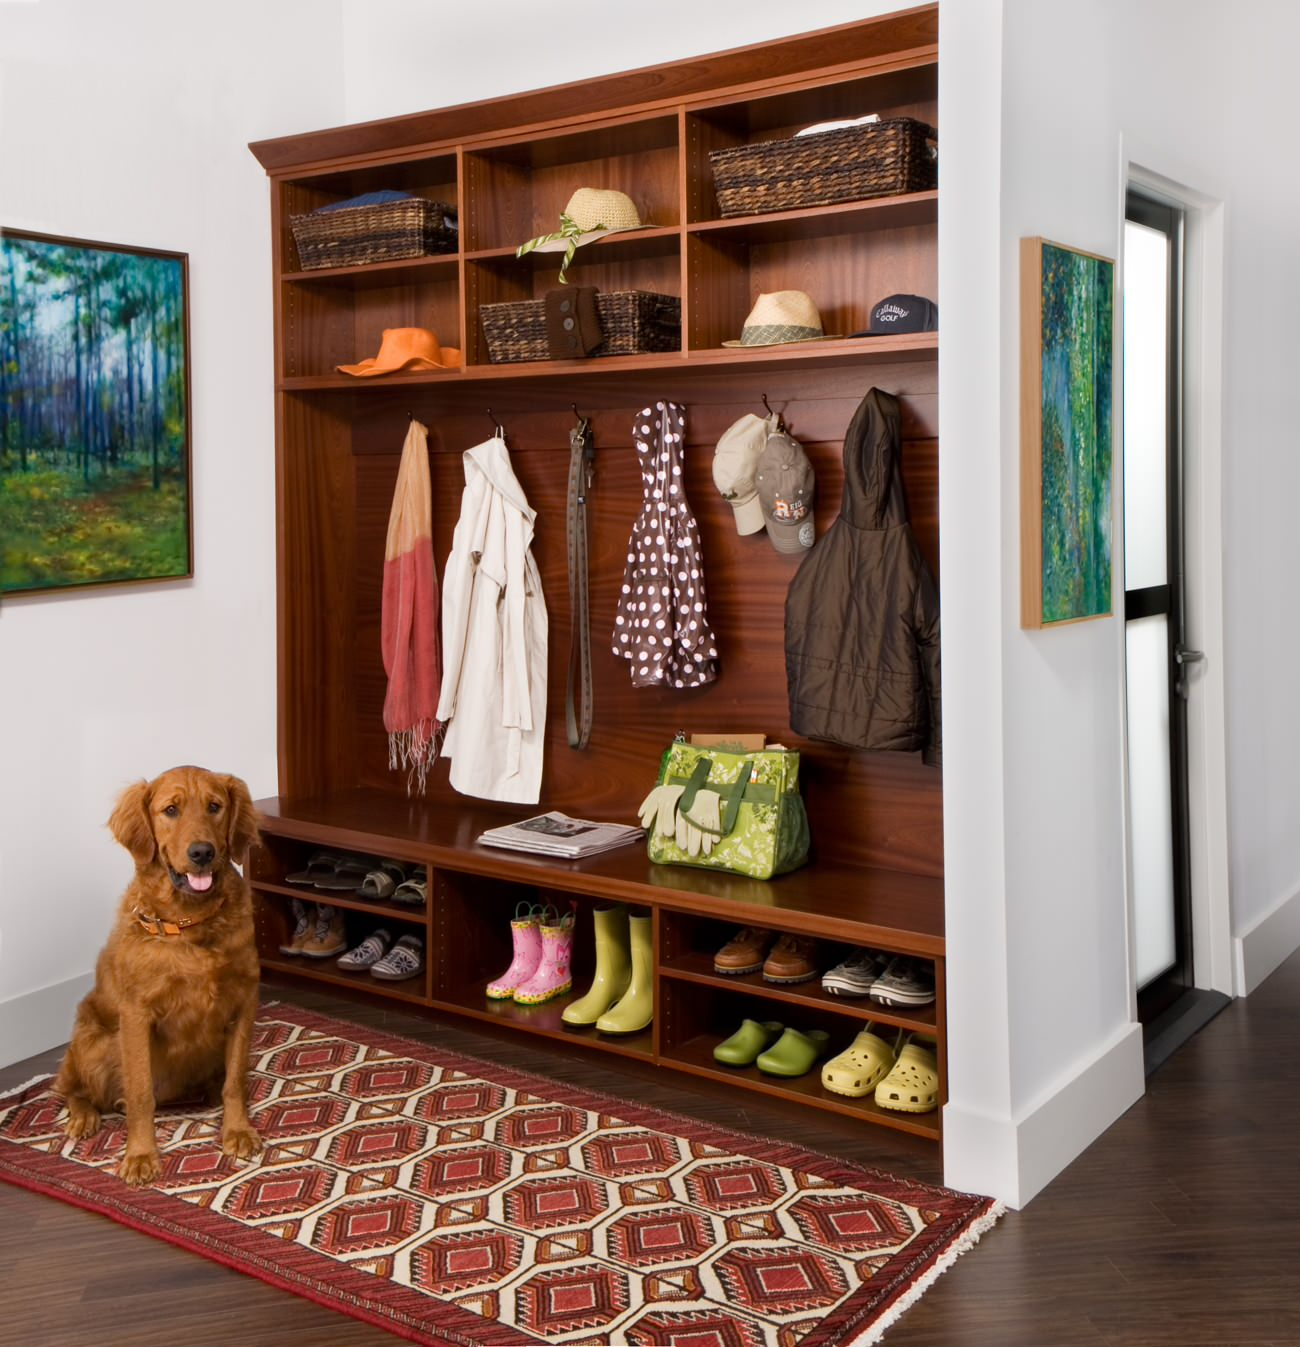 Мебель для обустройства прихожей для хранения